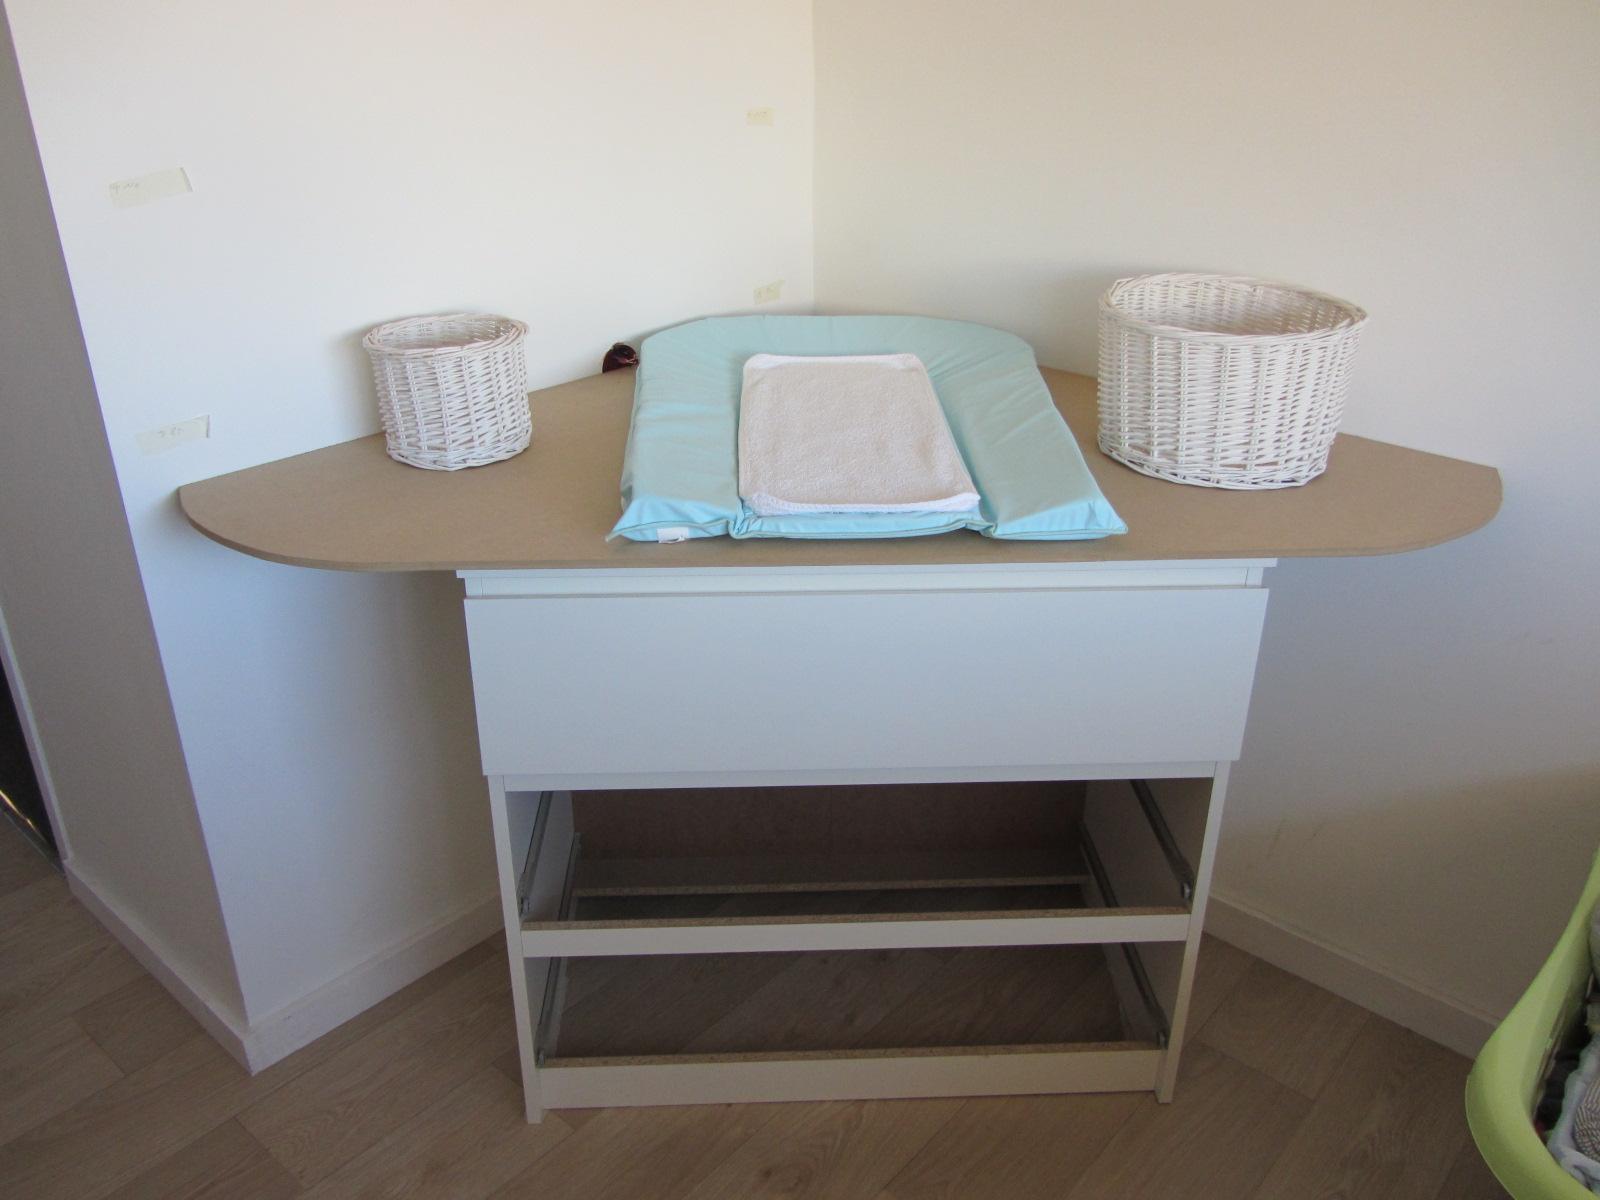 commode table langer ikea ikea sundvik changing. Black Bedroom Furniture Sets. Home Design Ideas